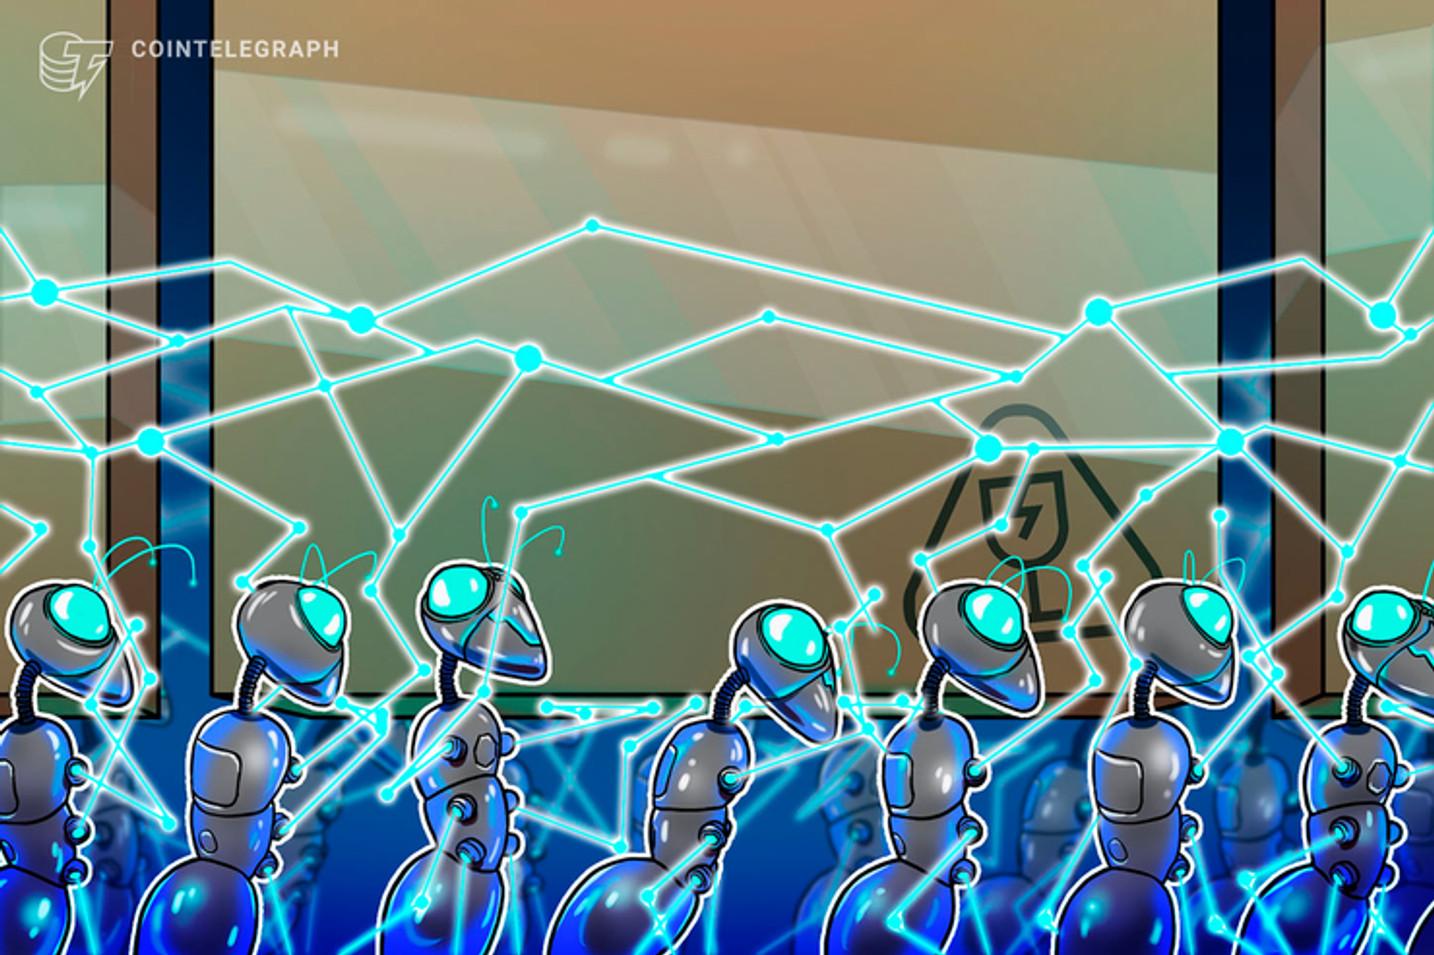 España: Startup propone el uso de tecnología Blockchain para verificaciones en tiempo real de productos